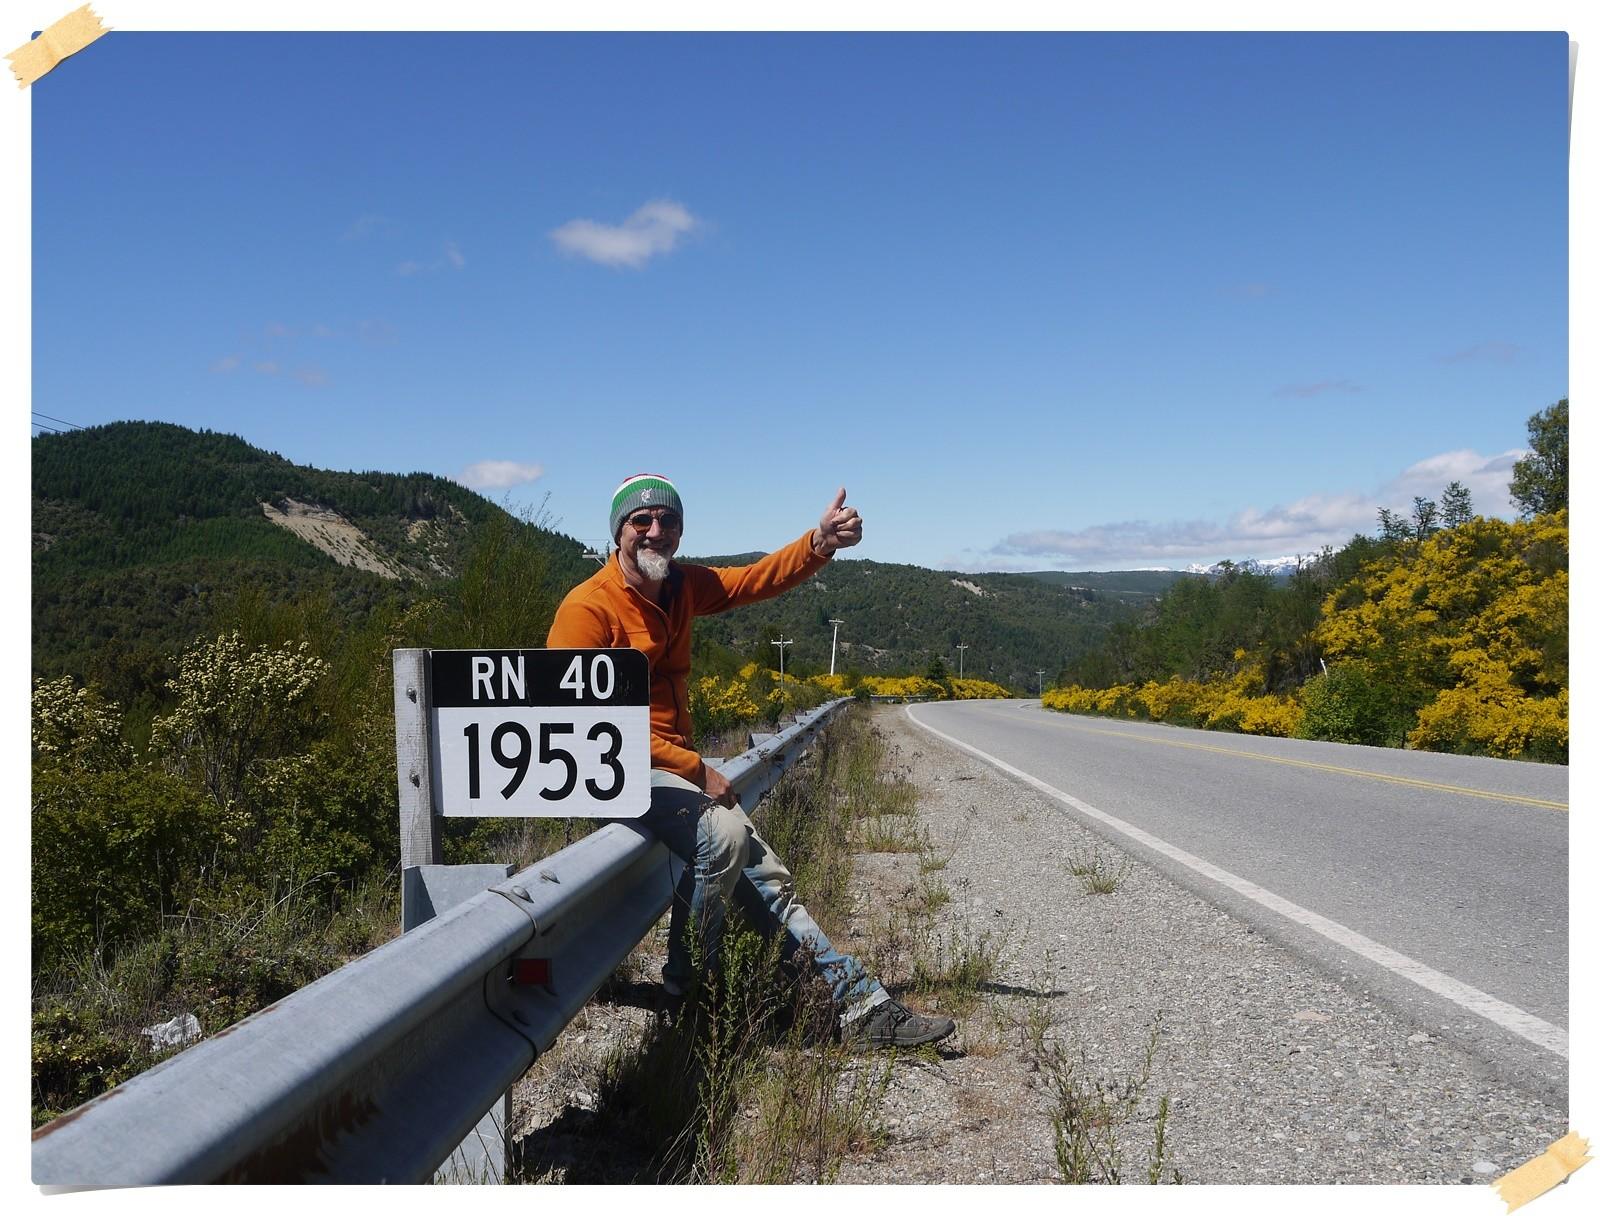 Noch 1953 Km bis Ushuaya